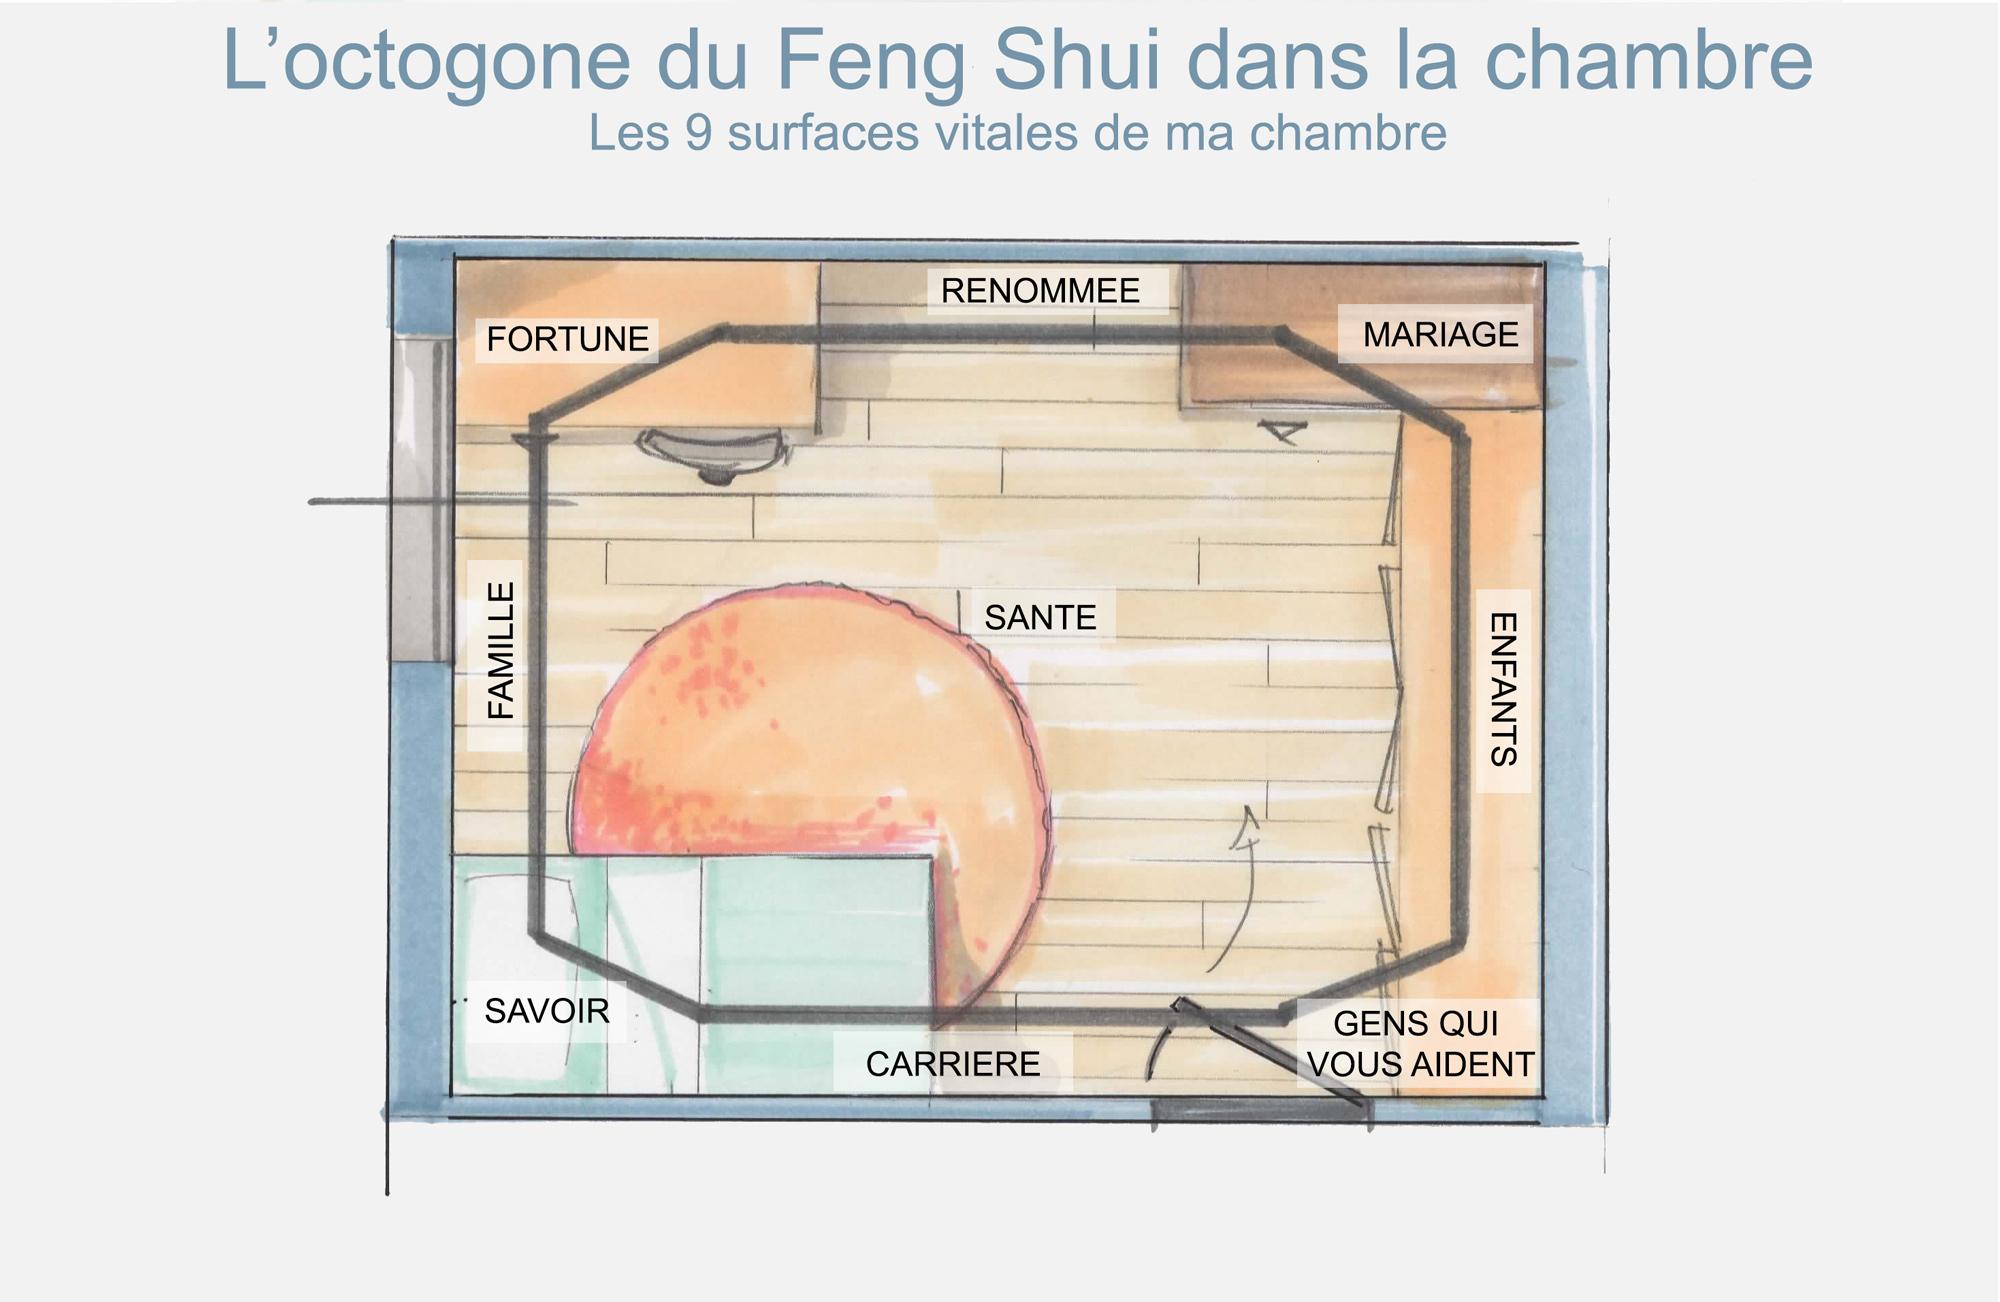 utilisez loctogone du feng shui pour faire quelques ajustements faciles il divise le pan de votre chambre en 9 surfaces